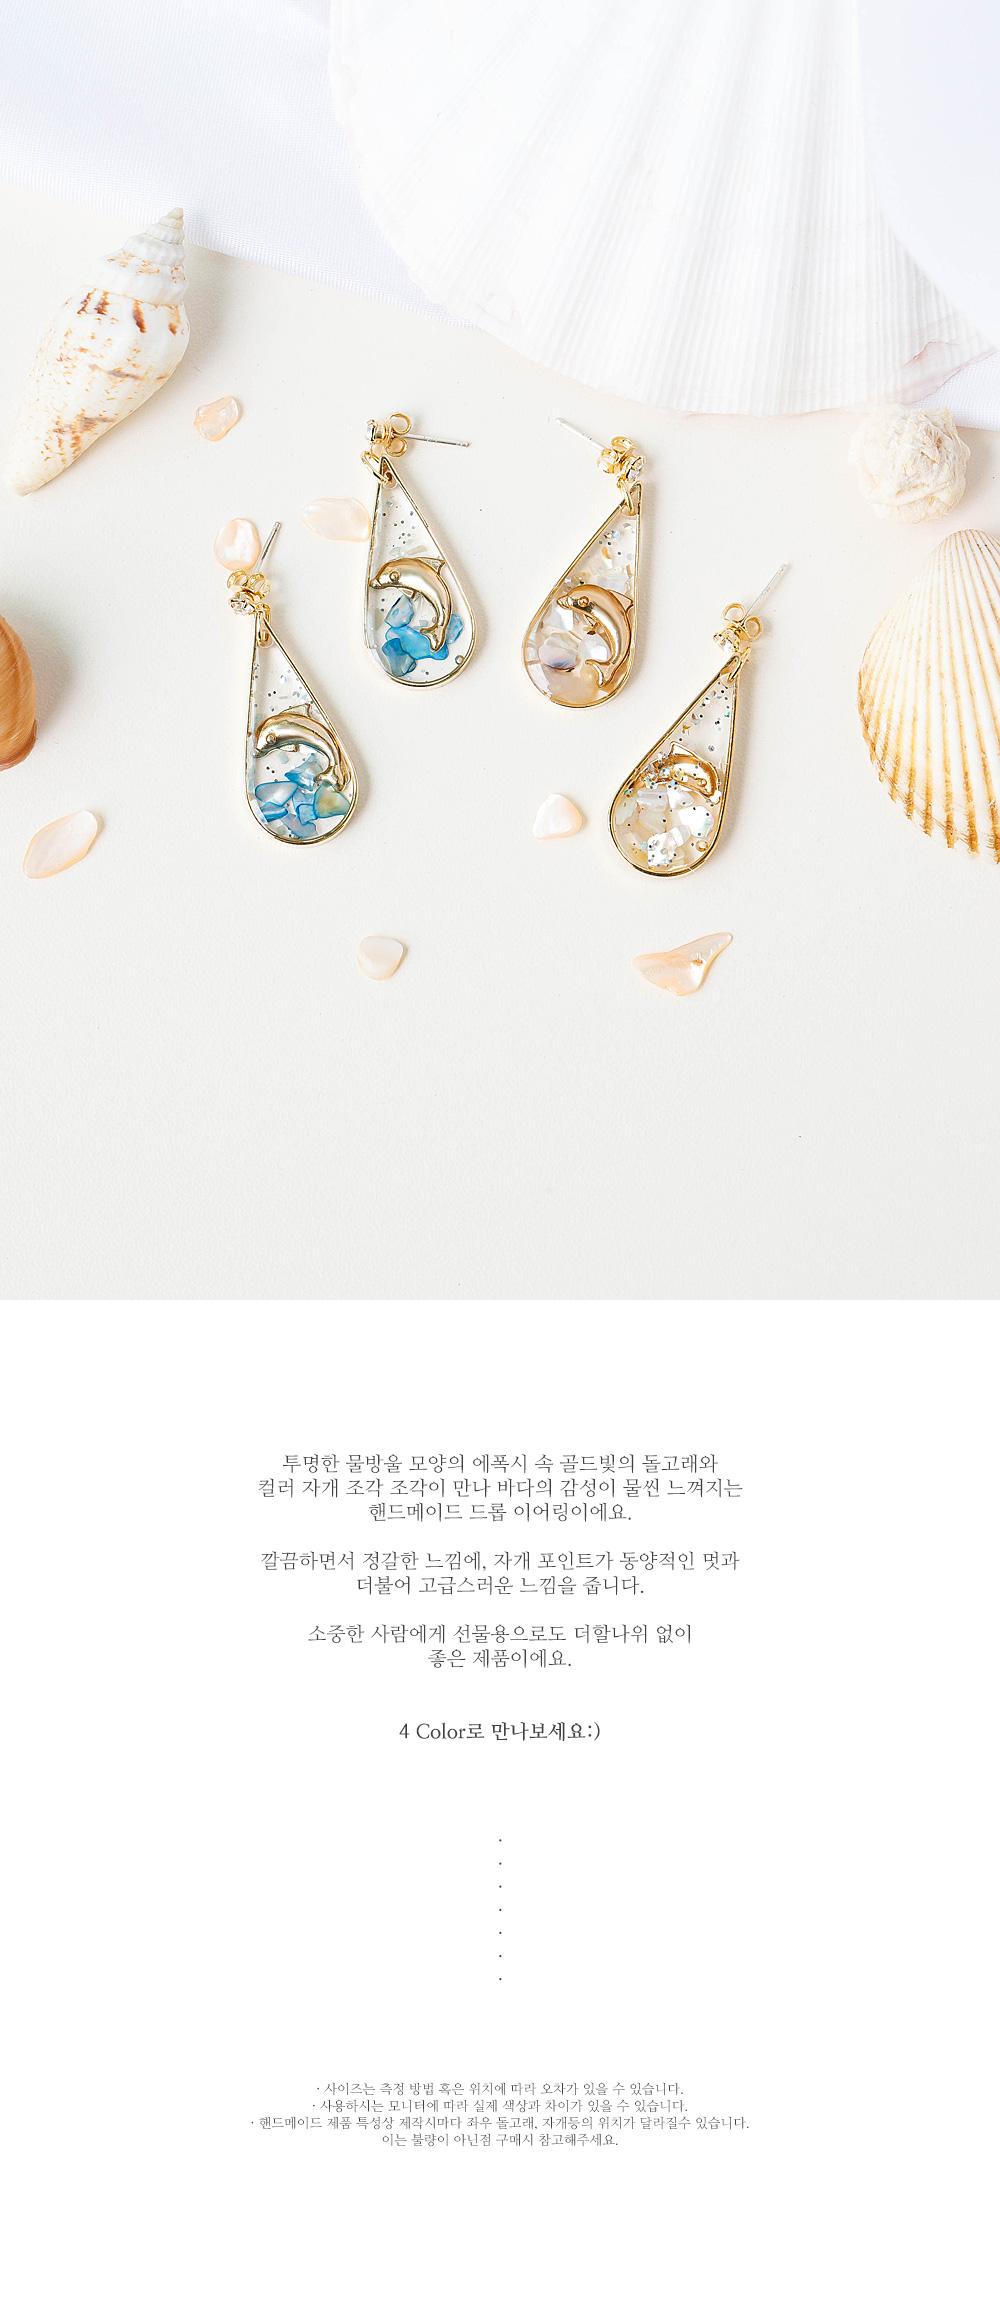 [핸드메이드] [은침] 돌핀 티어 드롭 귀걸이 - 폭스타일, 8,000원, 진주/원석, 드롭귀걸이